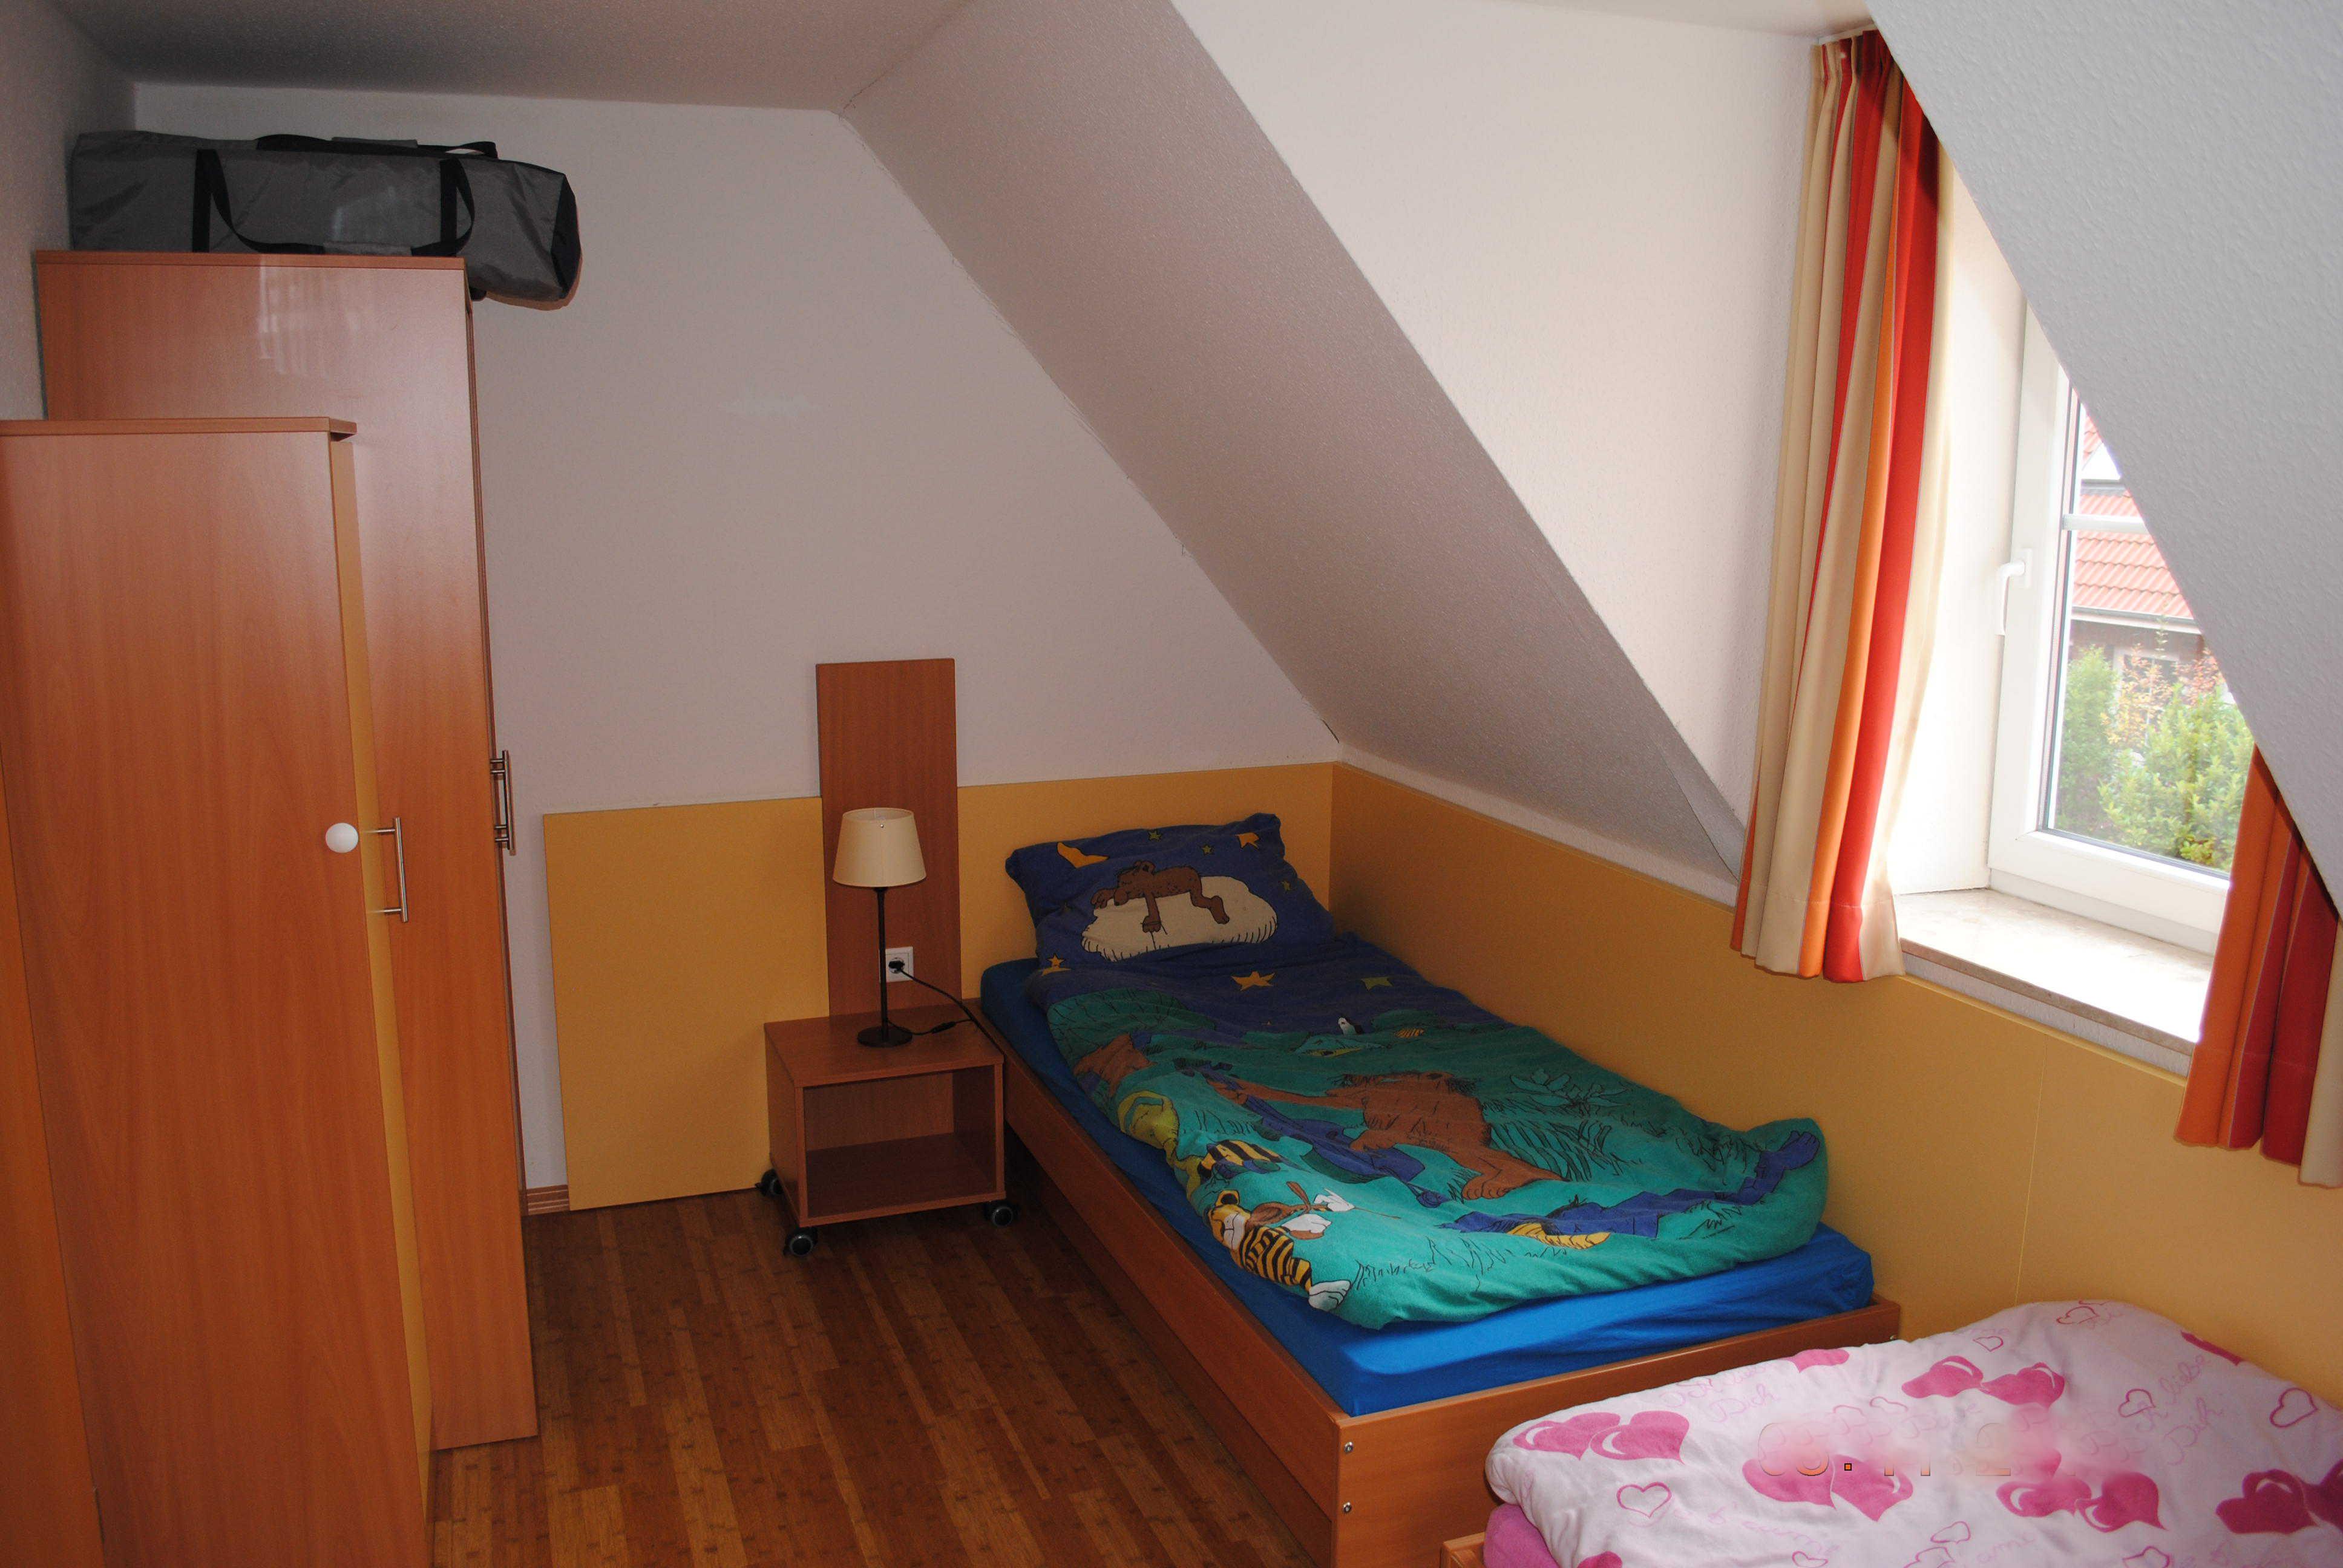 Das 2. Bett im Kinderzimmer